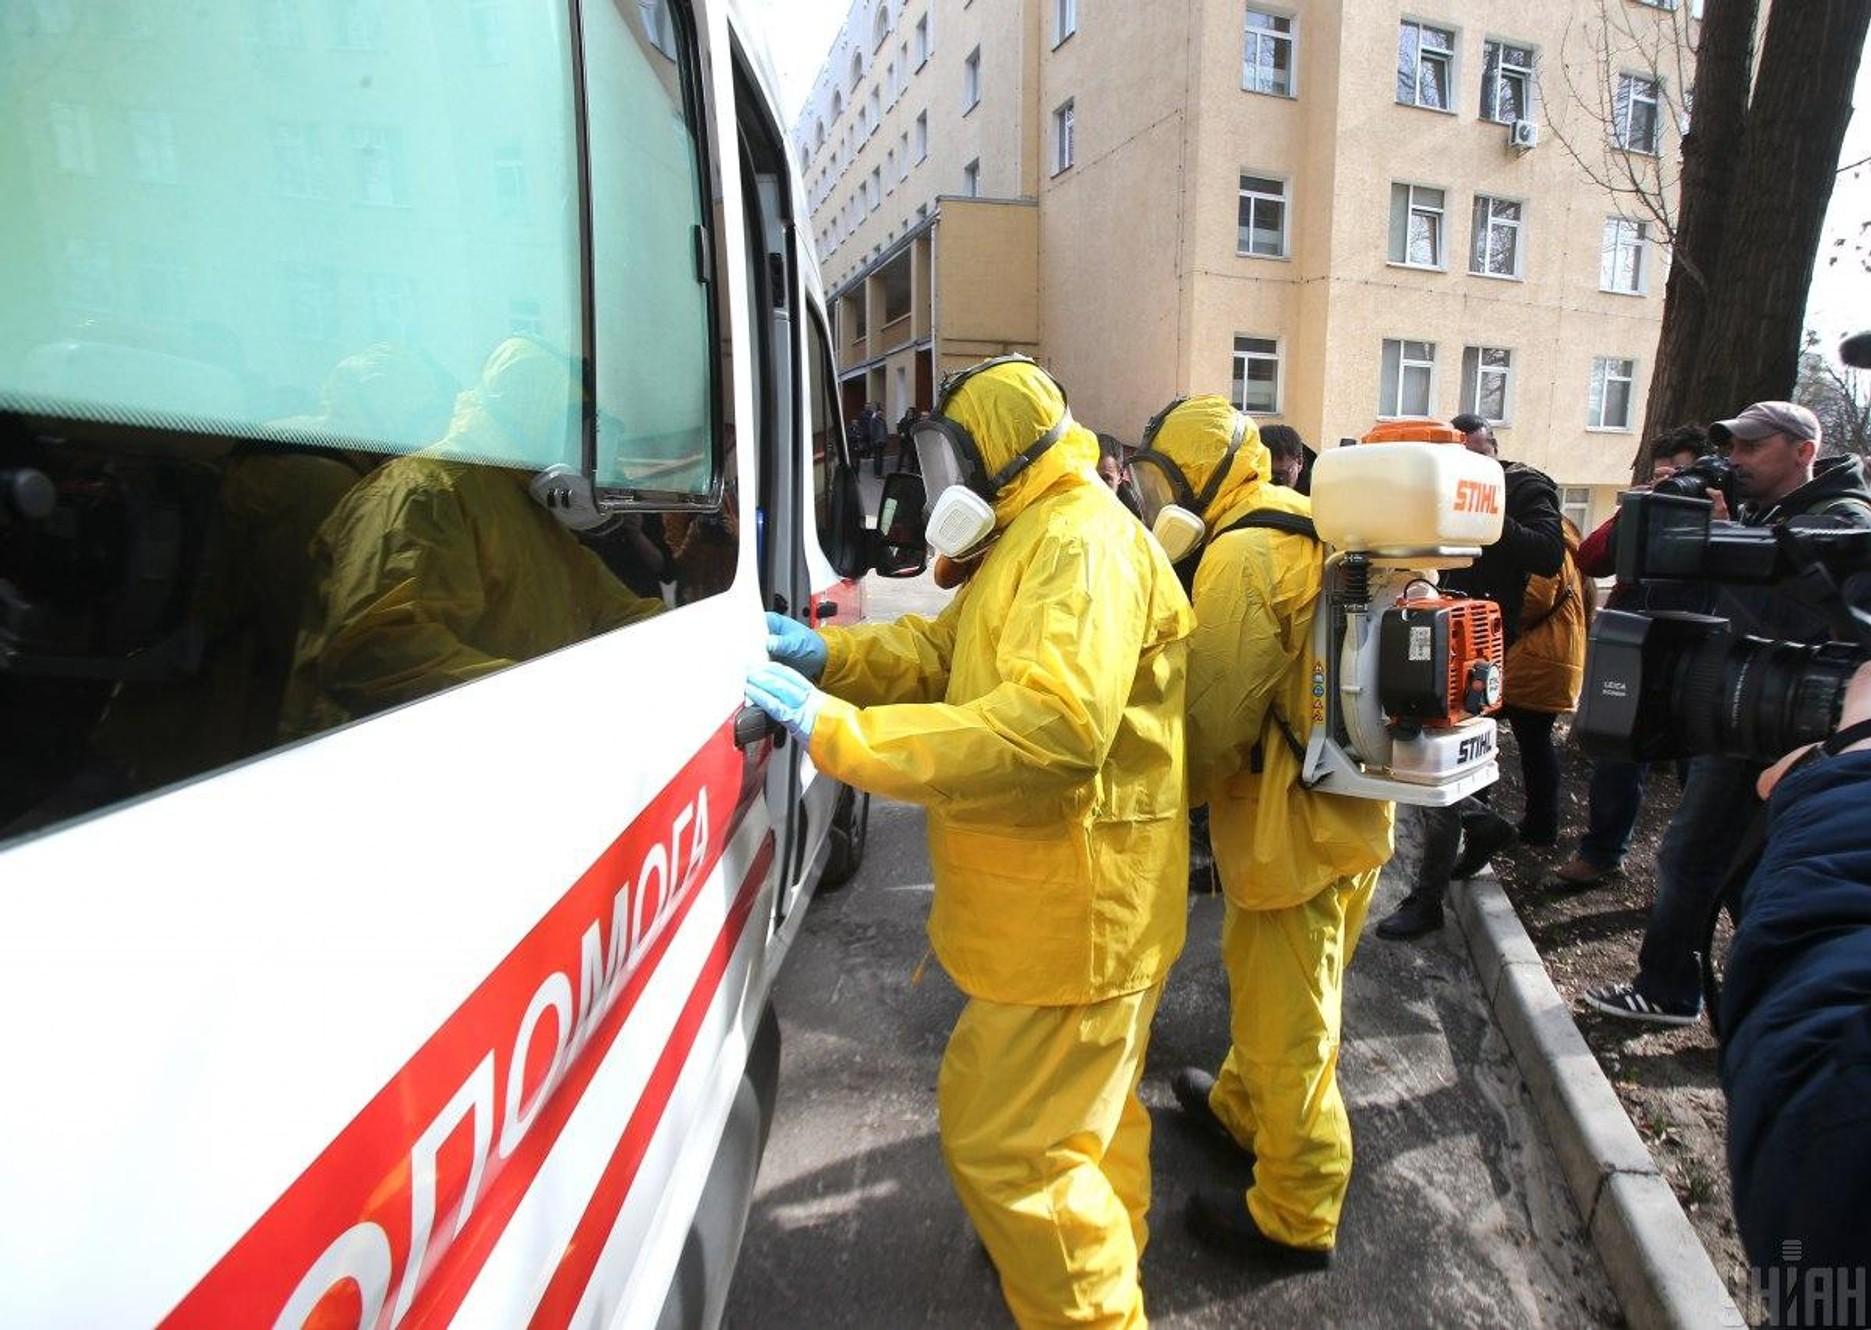 إصابات فيروس كورونا فى أوكرانيا تتجاوز الـ140 ألفا